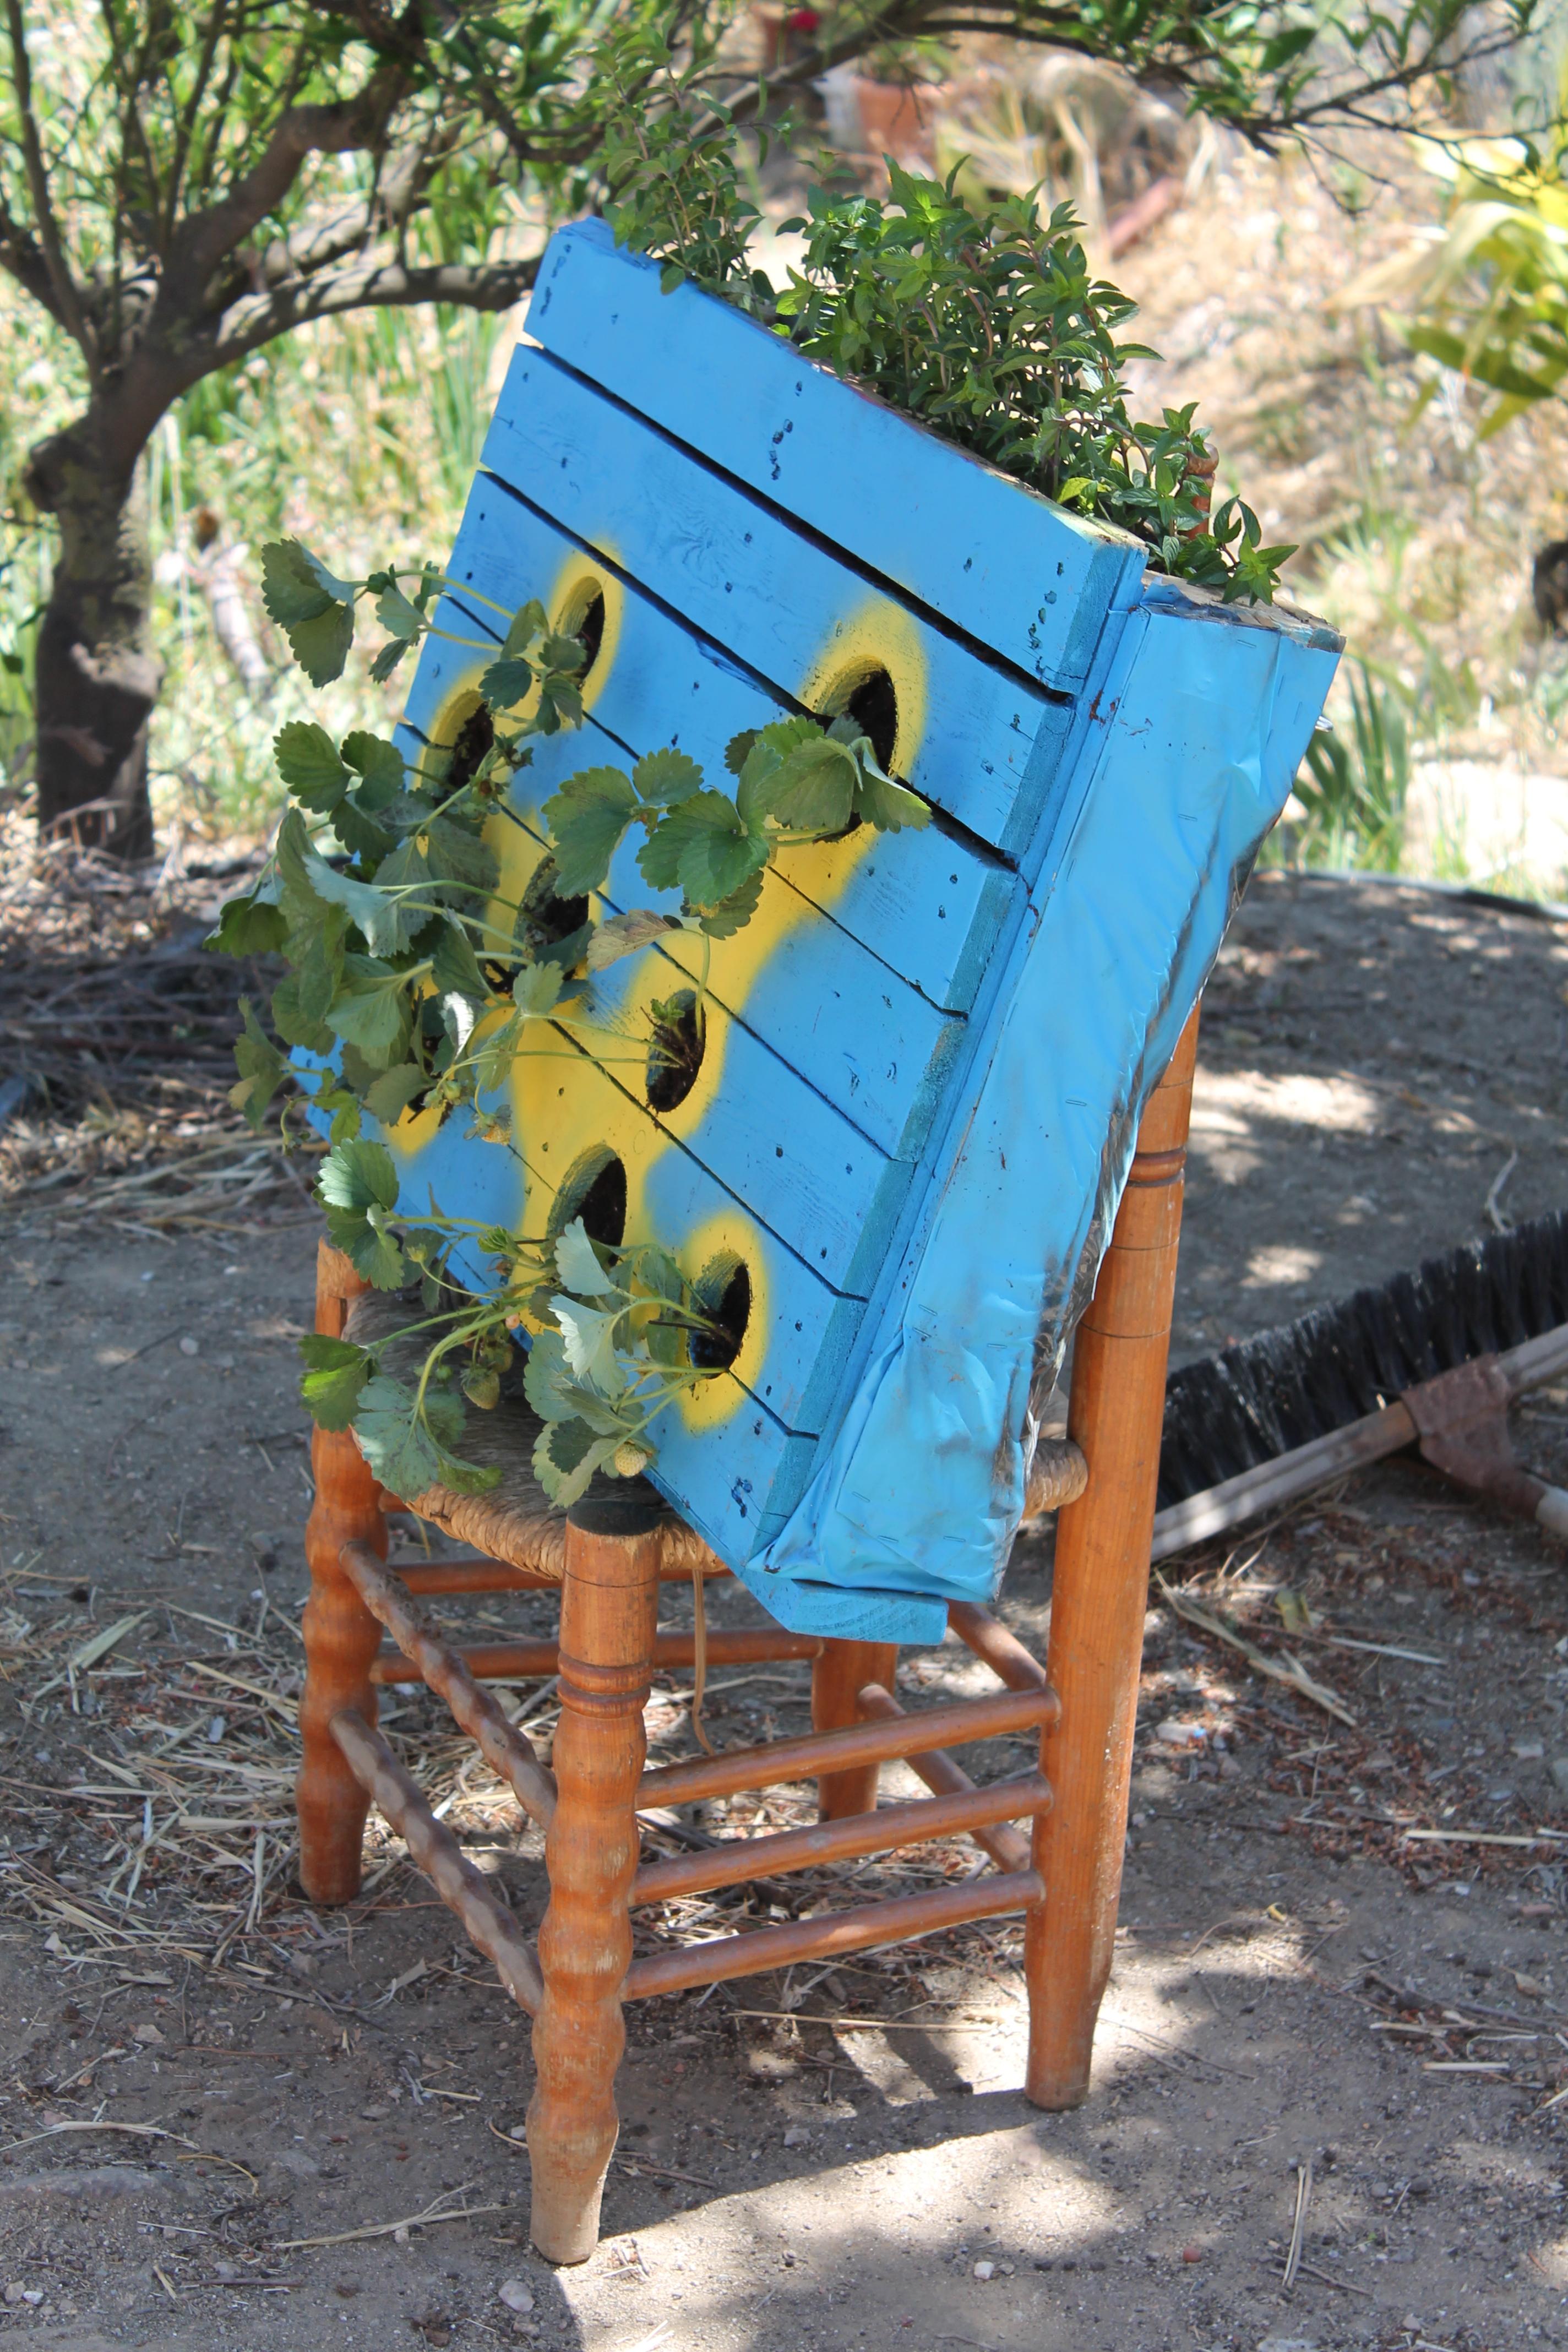 Taller de reciclaje creativo con pal s en jaulas abiertas el jueves 29 de octubre ecoluciona - Reciclaje de pales ...